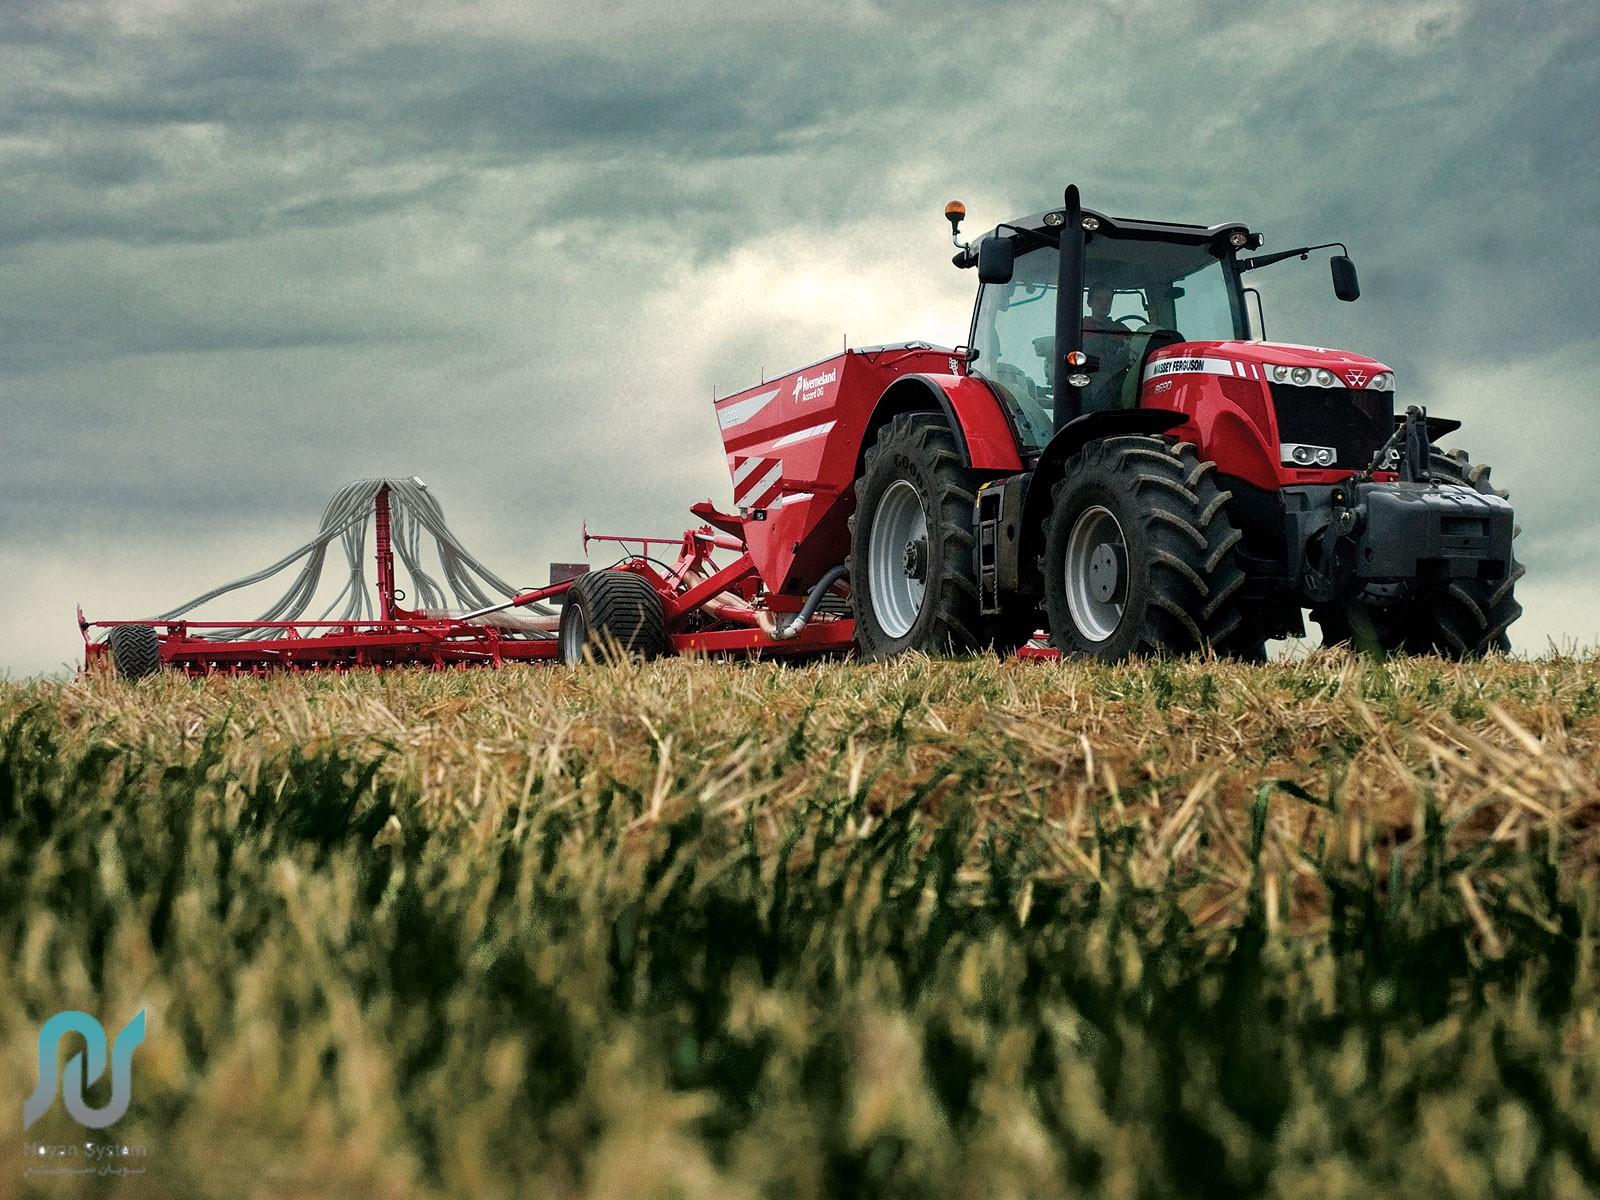 بیمه محصول کشاورزی